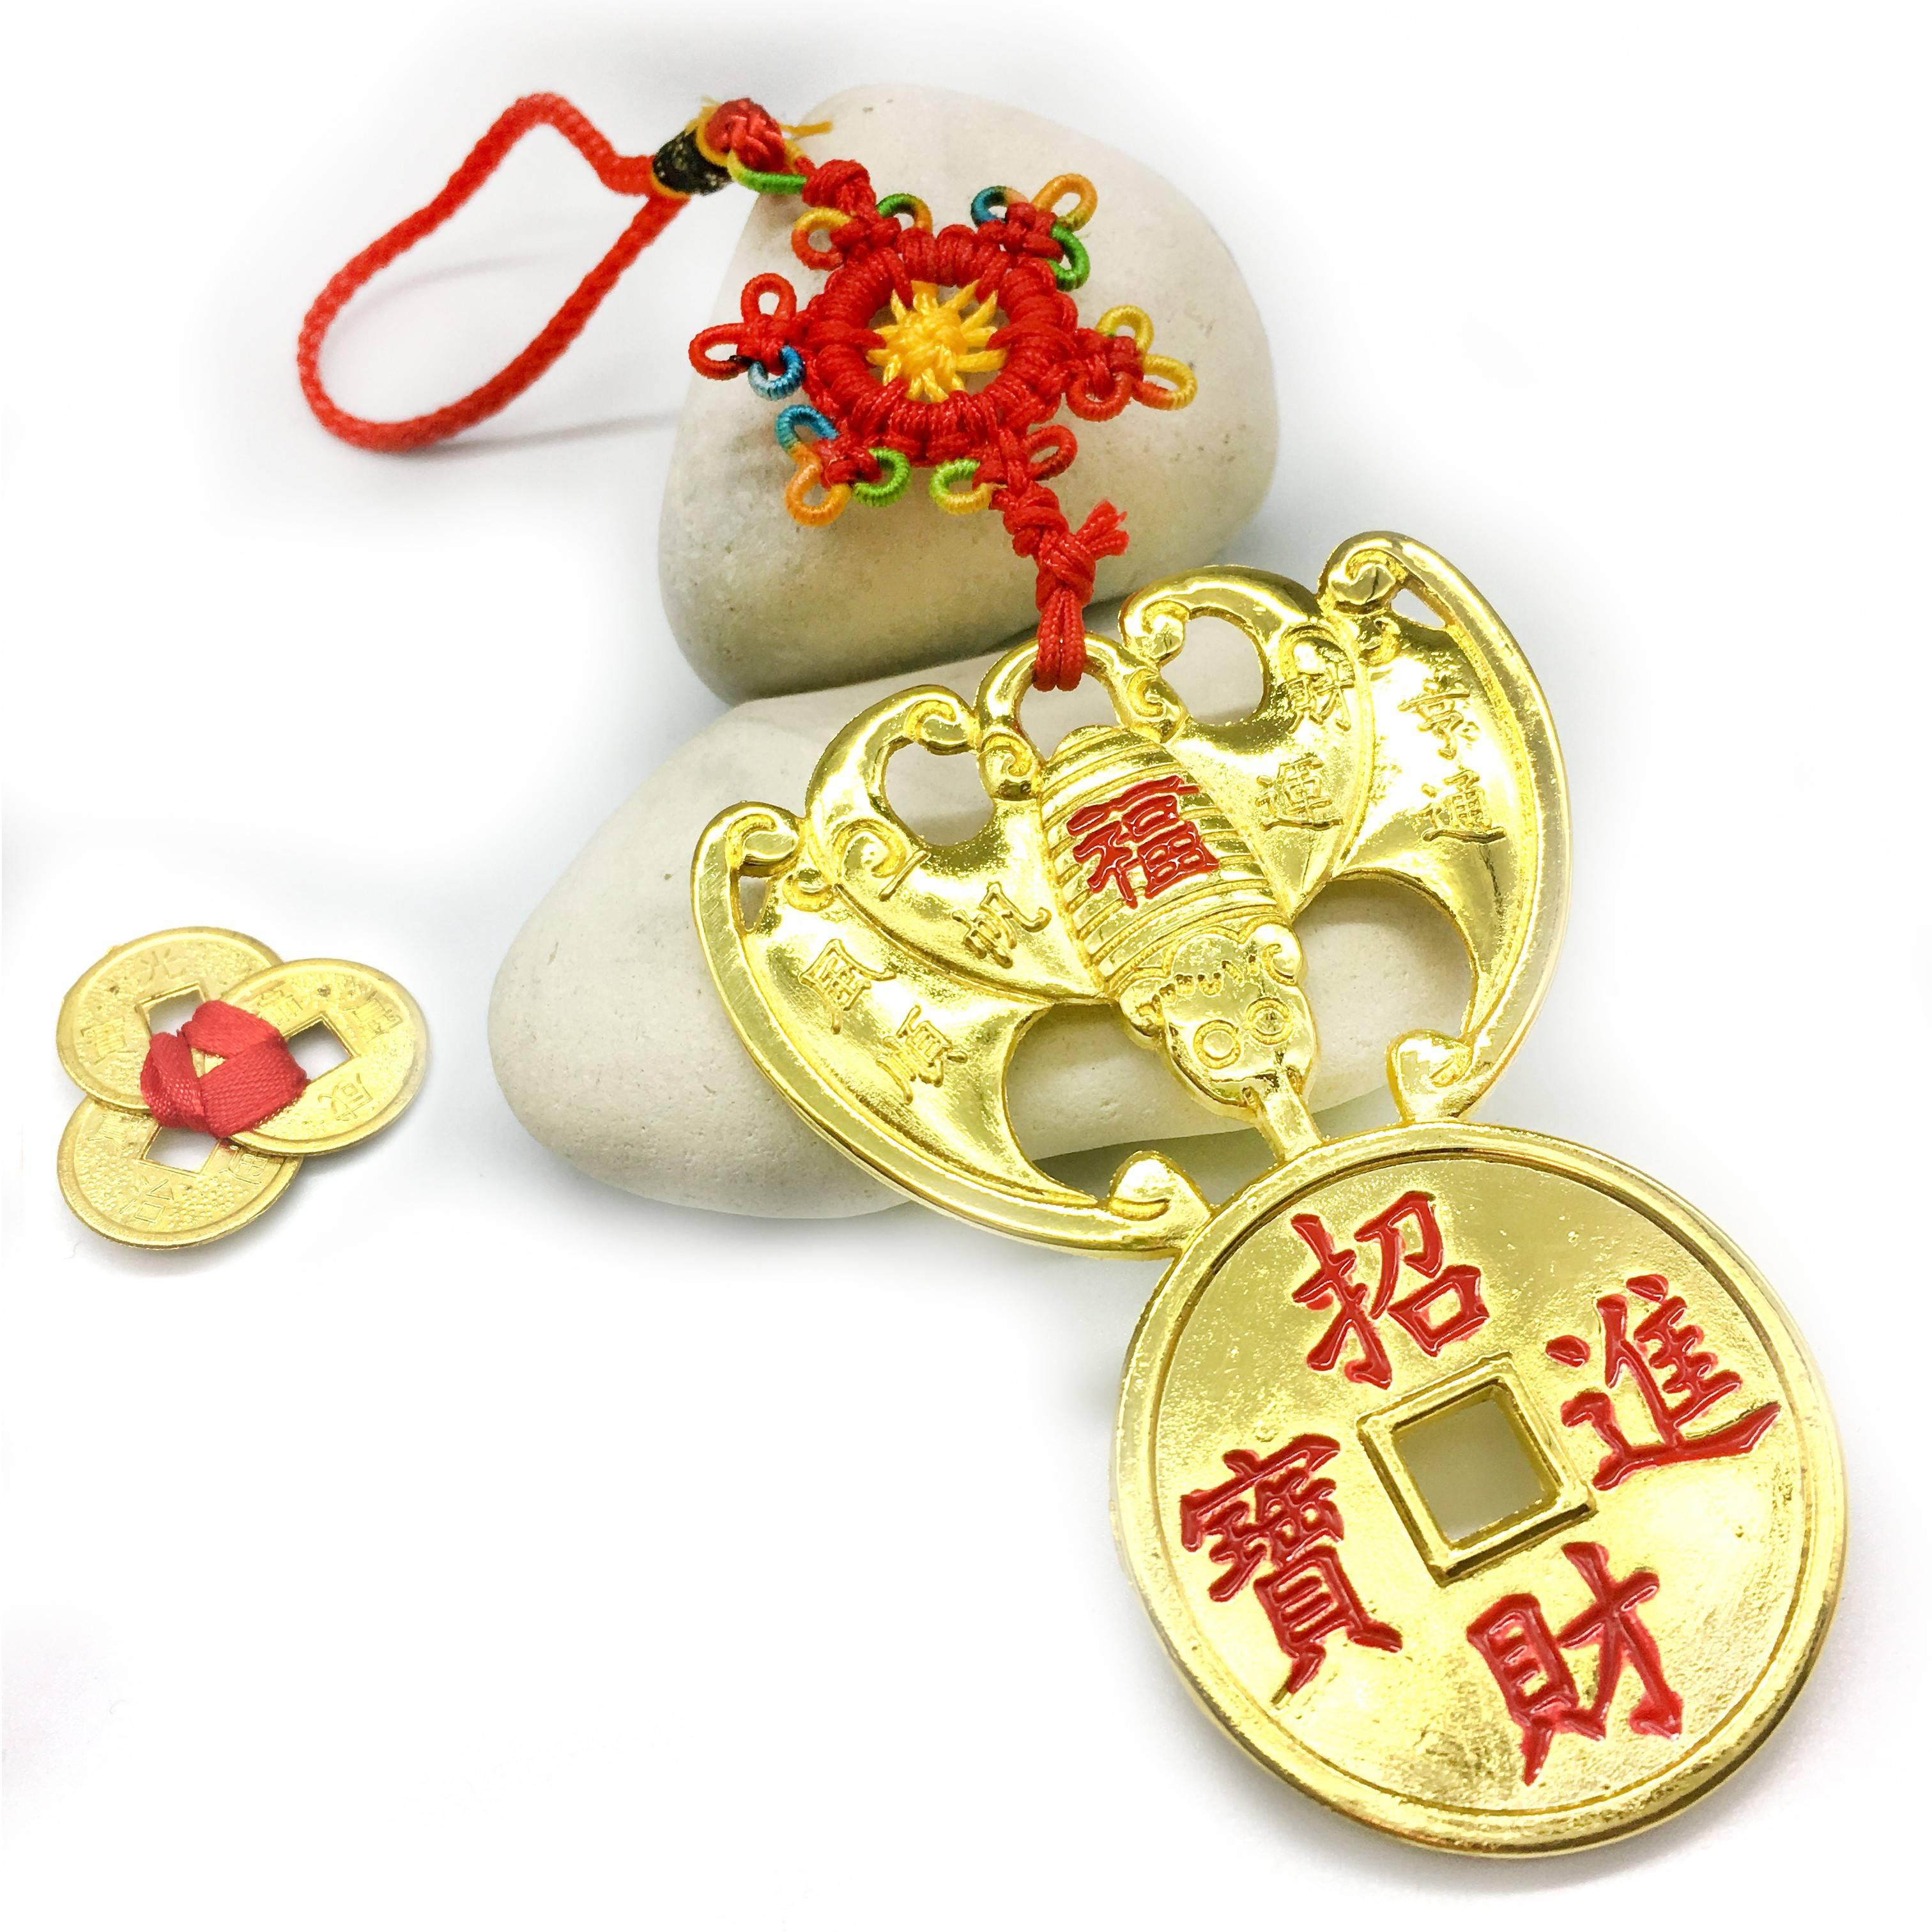 Фэн шуй талисманы, символы, амулеты для привлечения удачи и денег